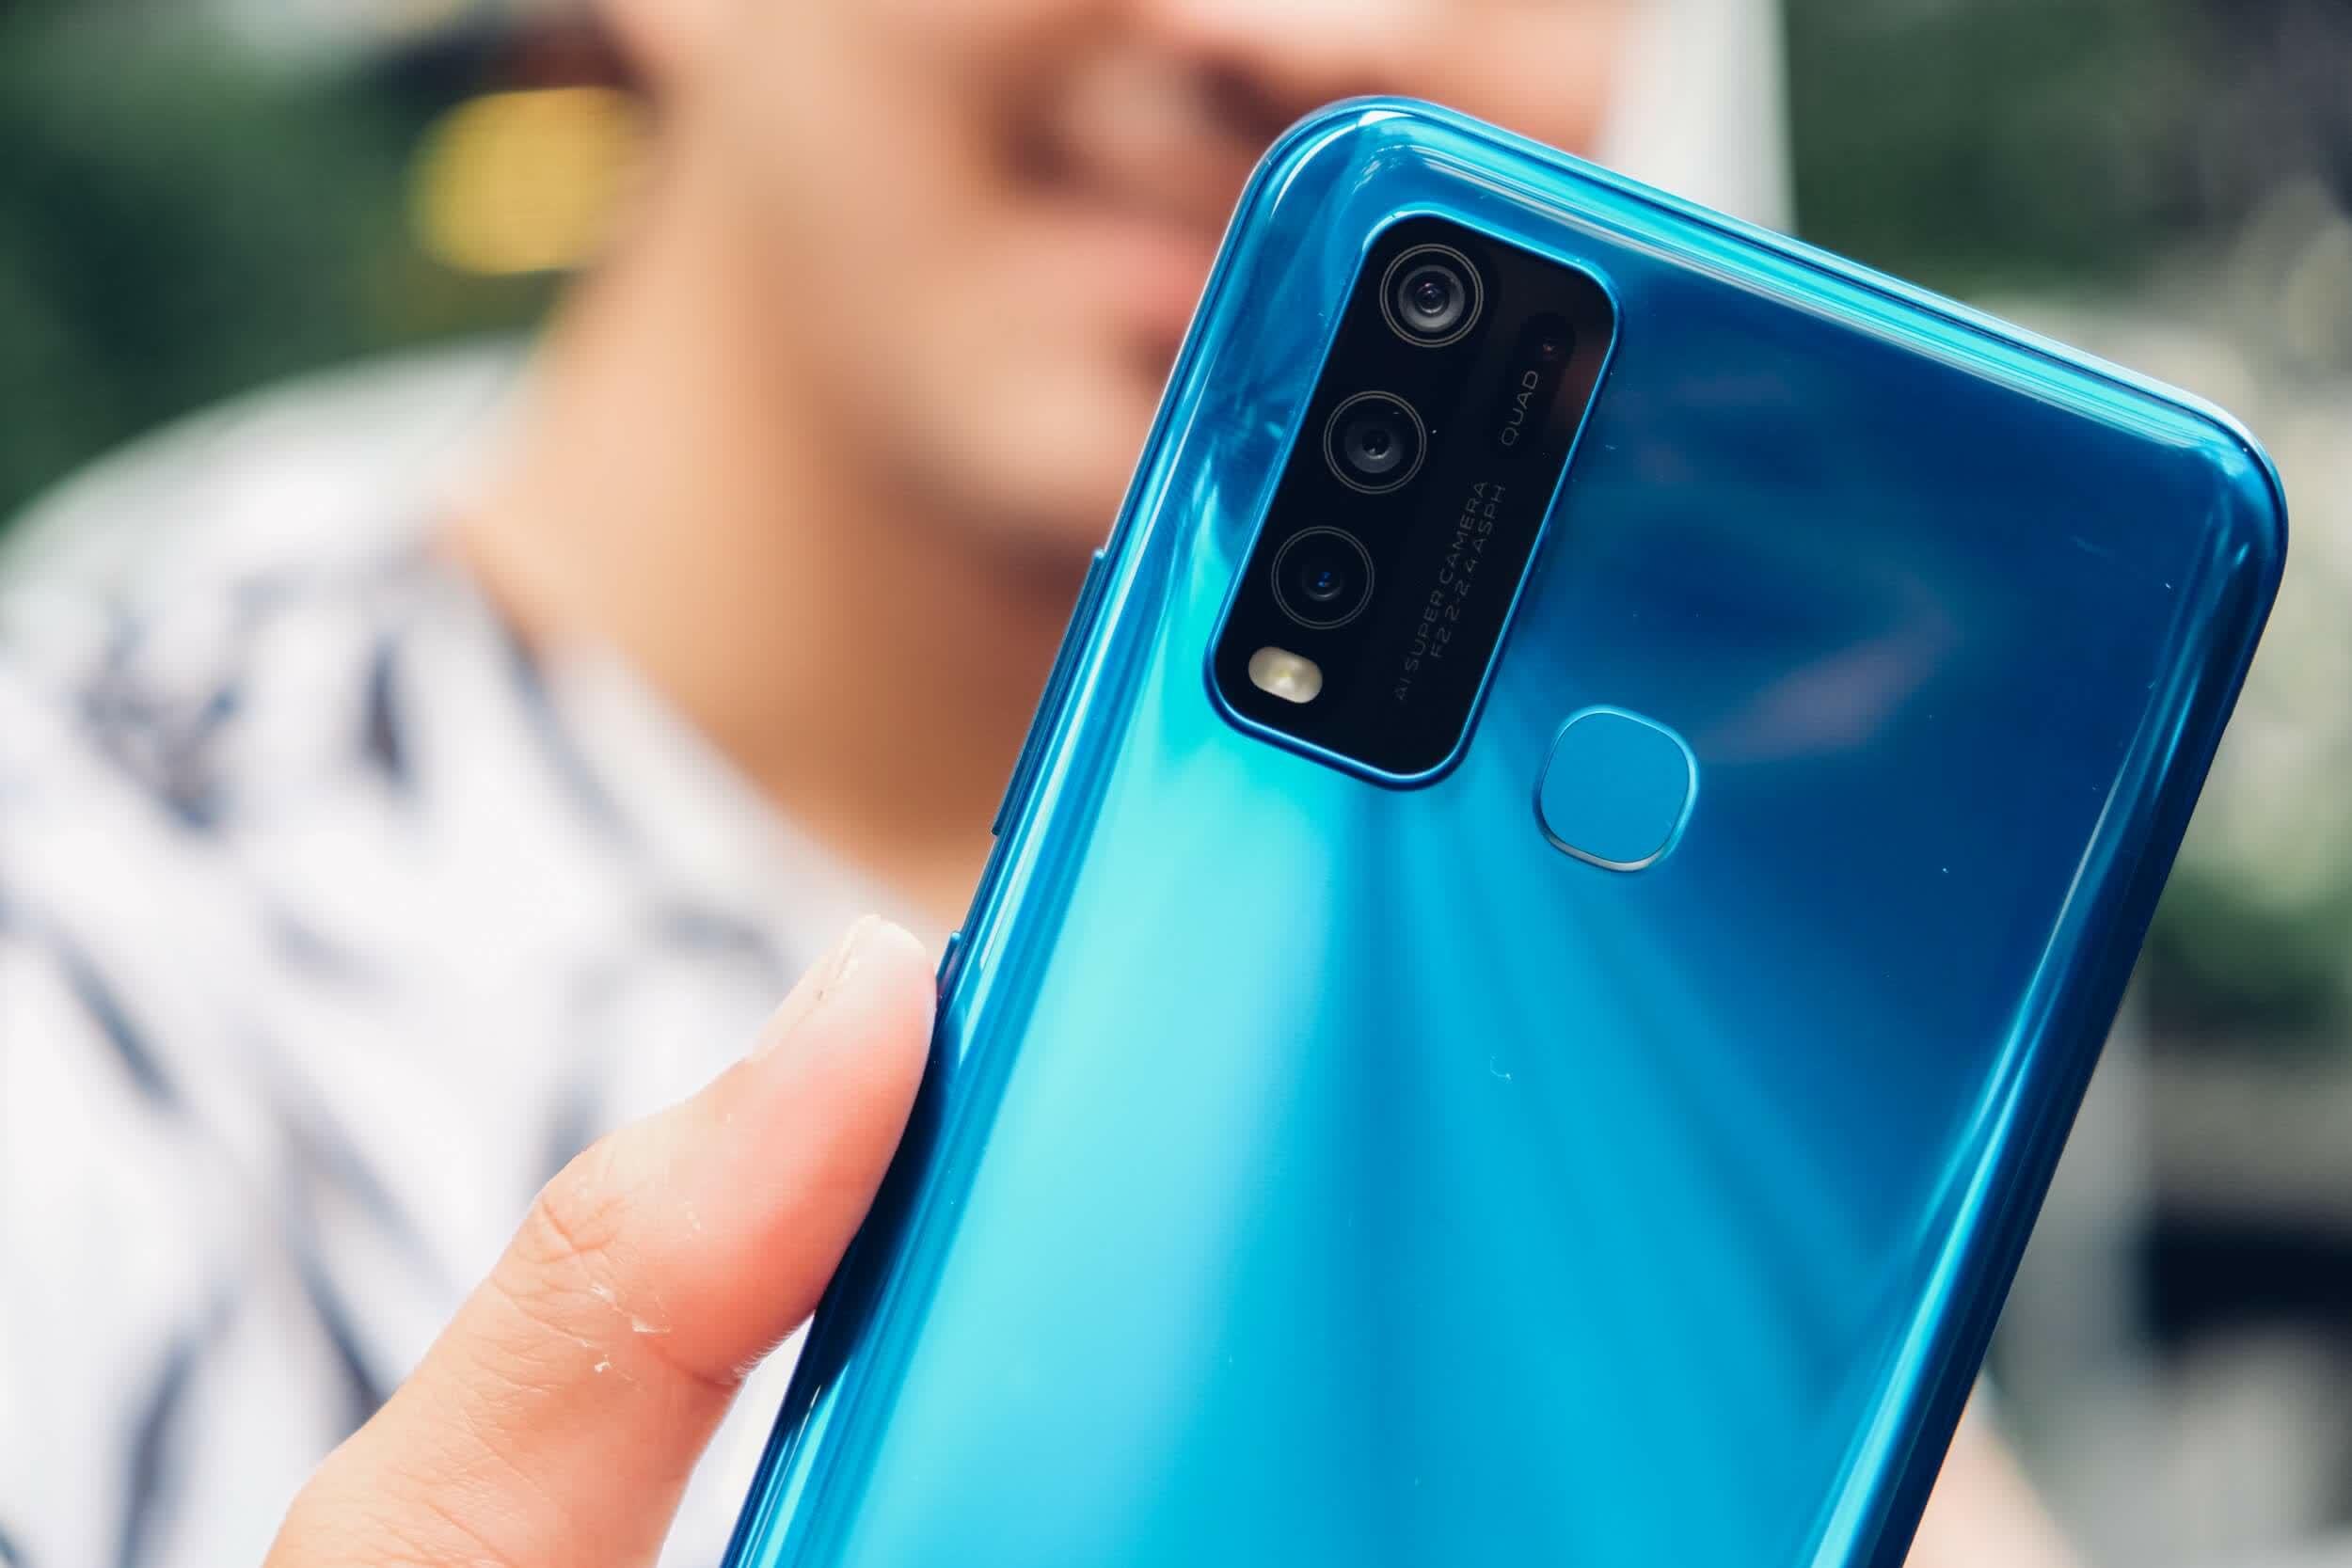 Ce companie lucreaza la un smartphone care isi schimba culoarea